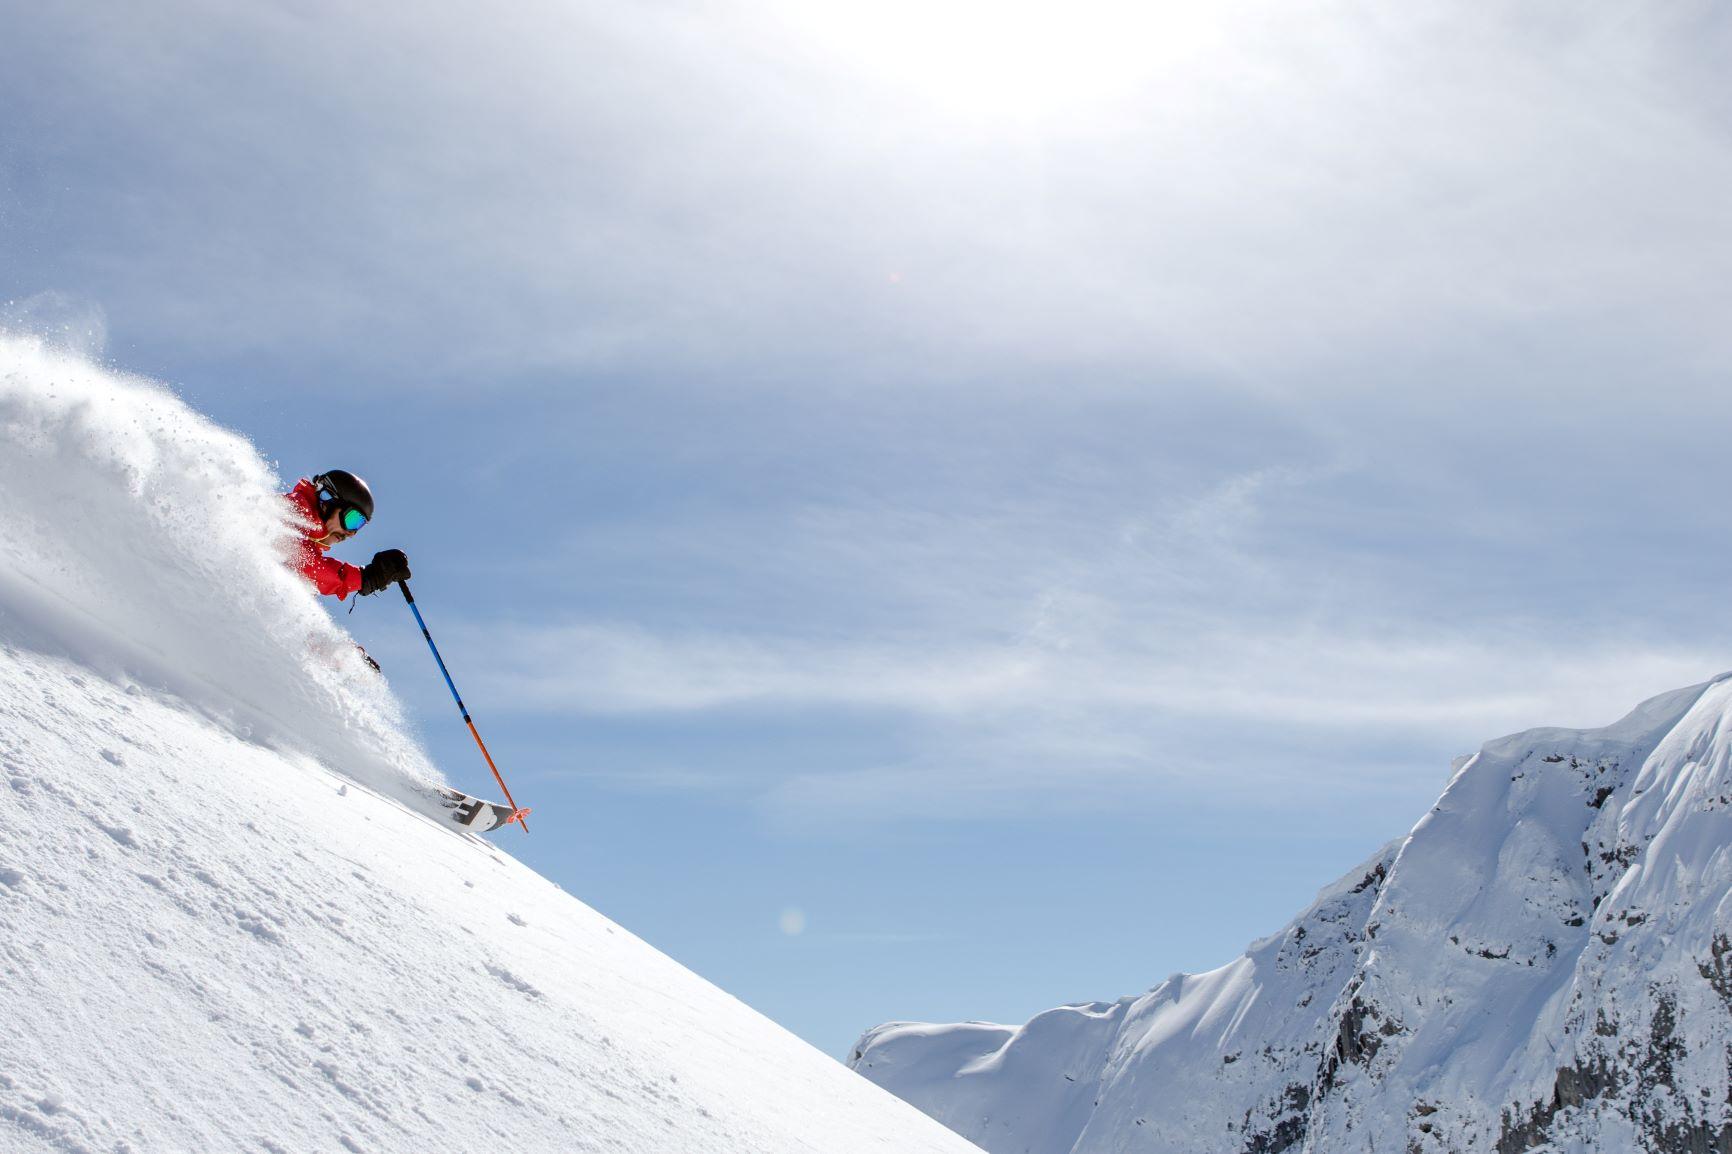 Skier going down a steep and deep powder run